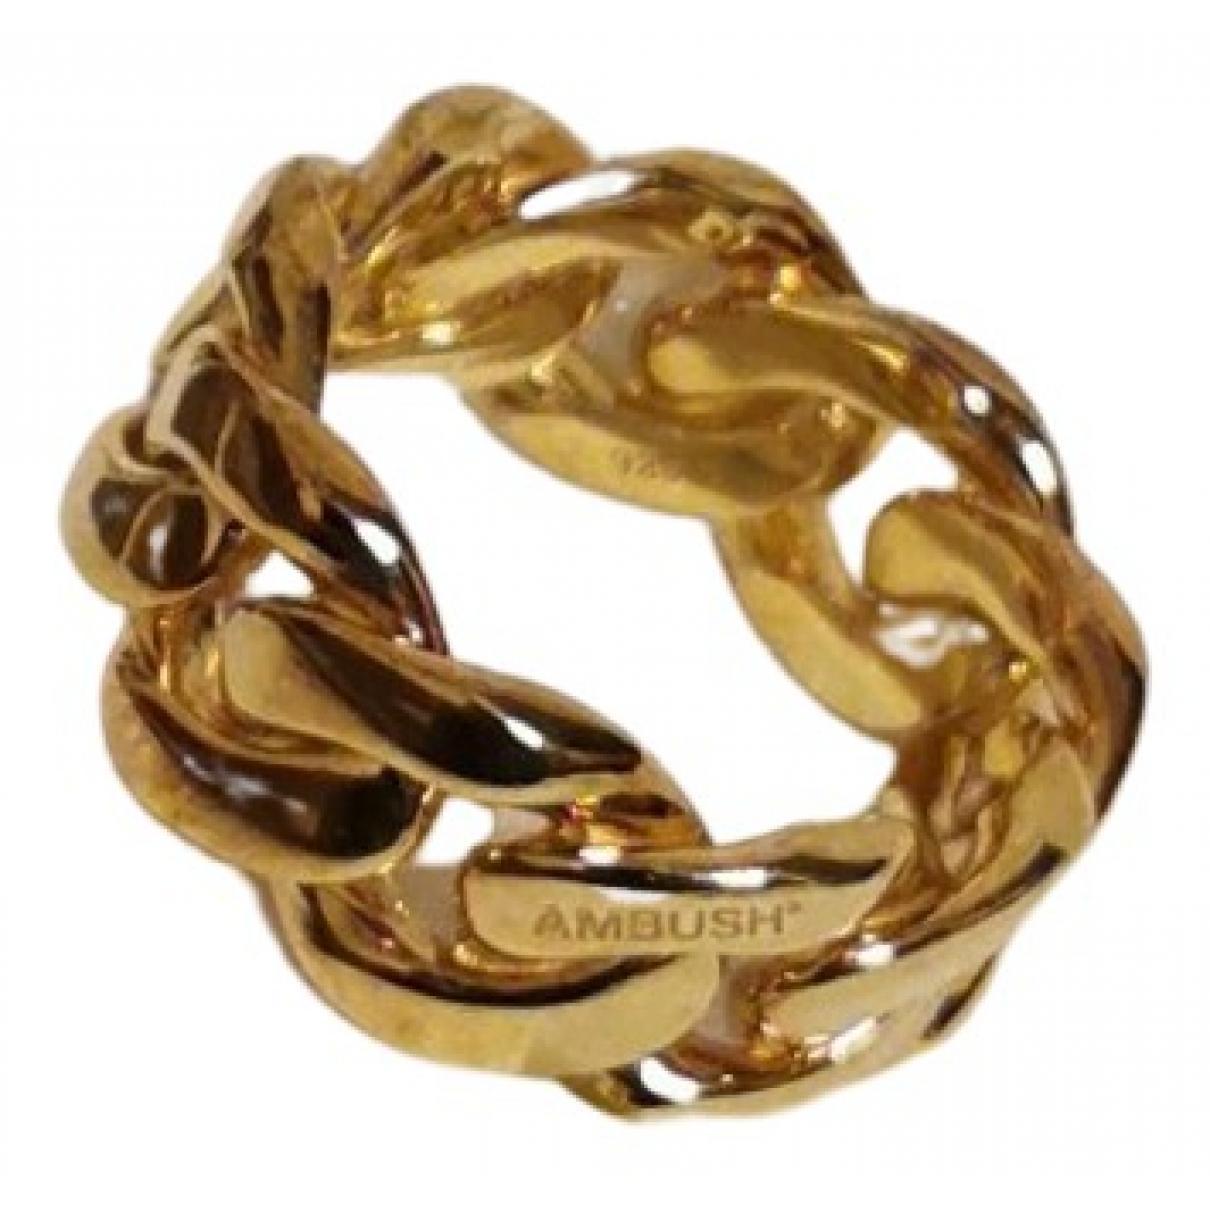 Ambush - Bague   pour femme en plaque or - dore